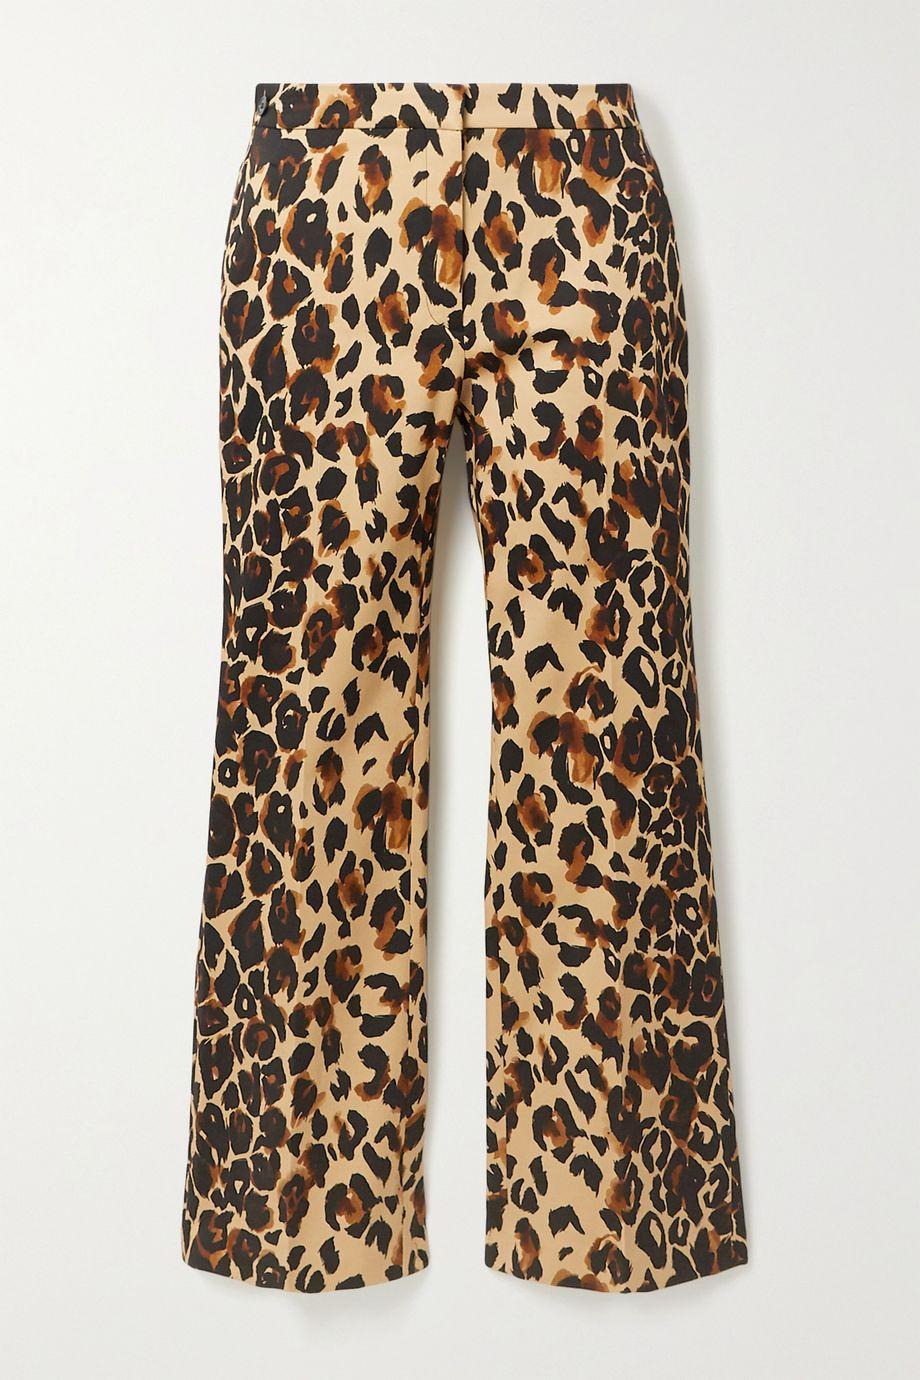 Mugler Cropped leopard-print cotton-blend flared pants